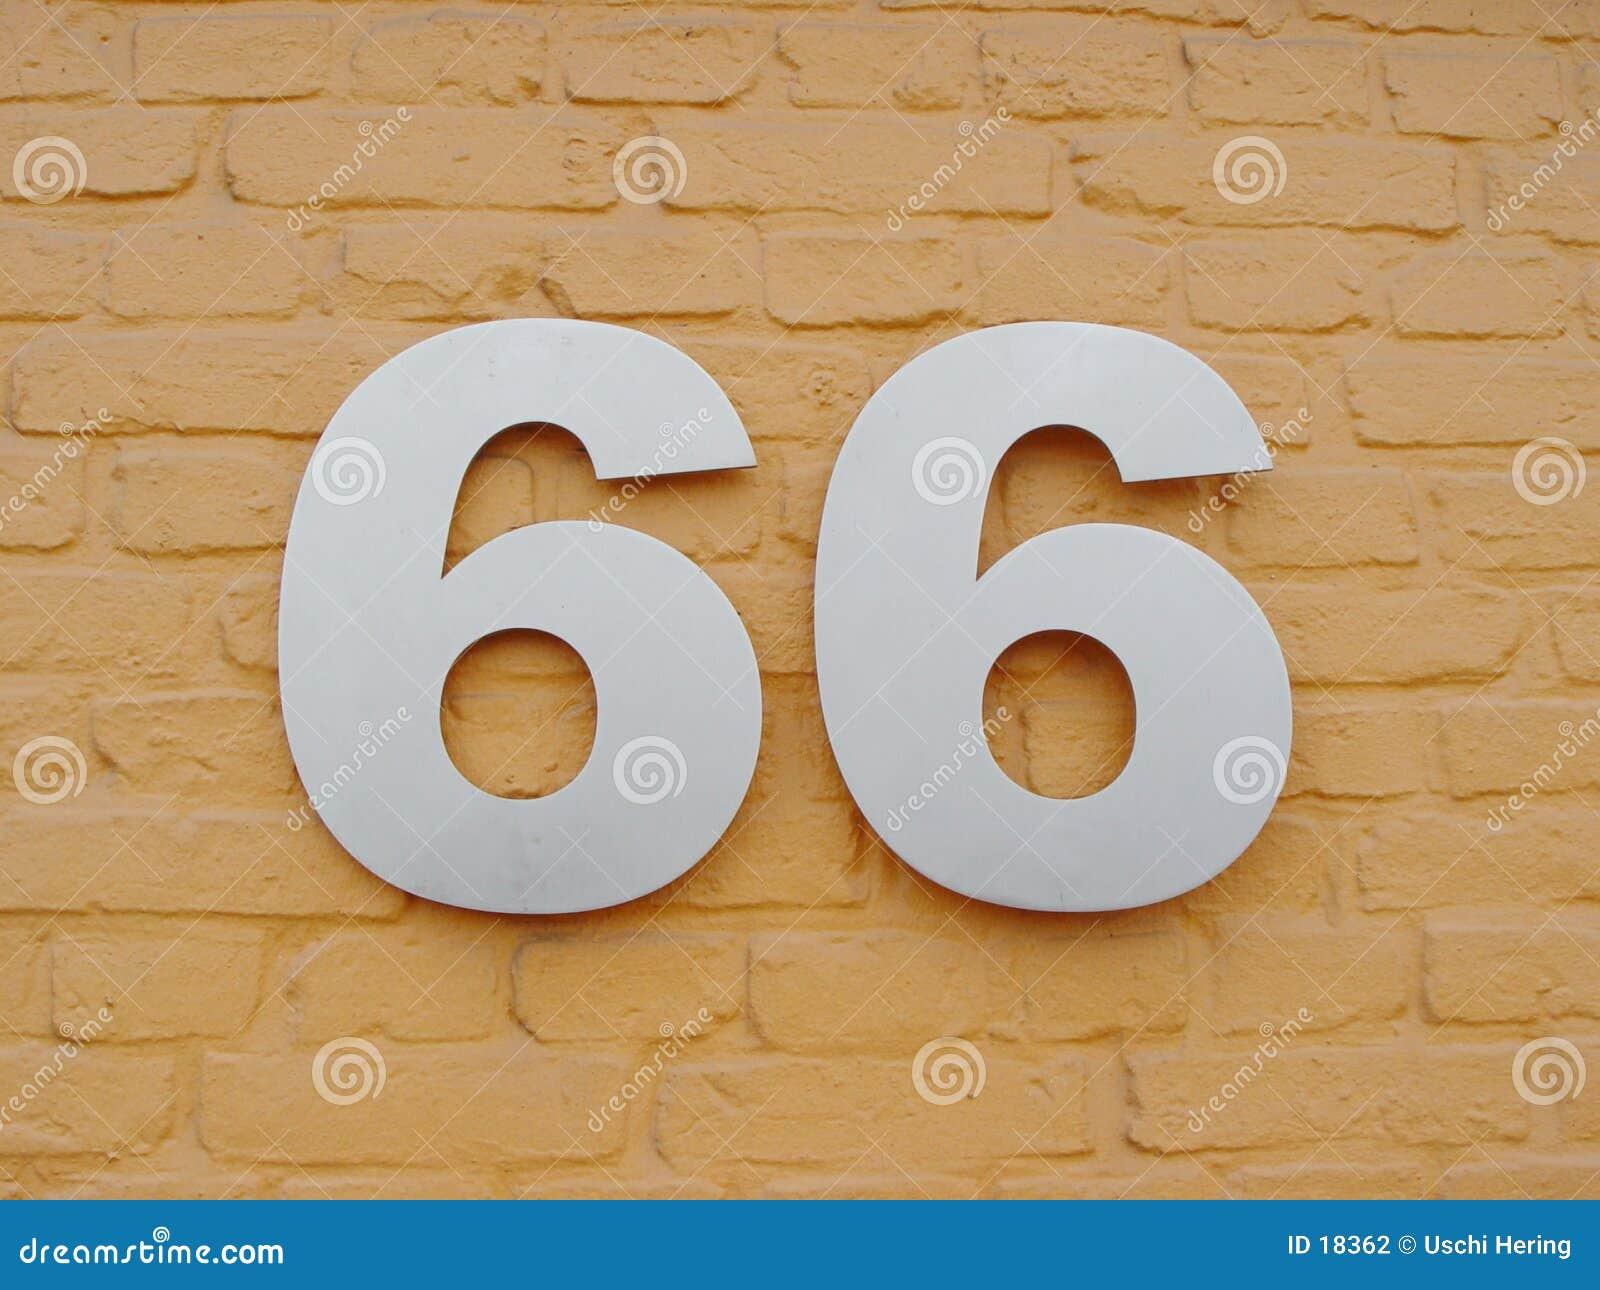 шестьдесят шесть